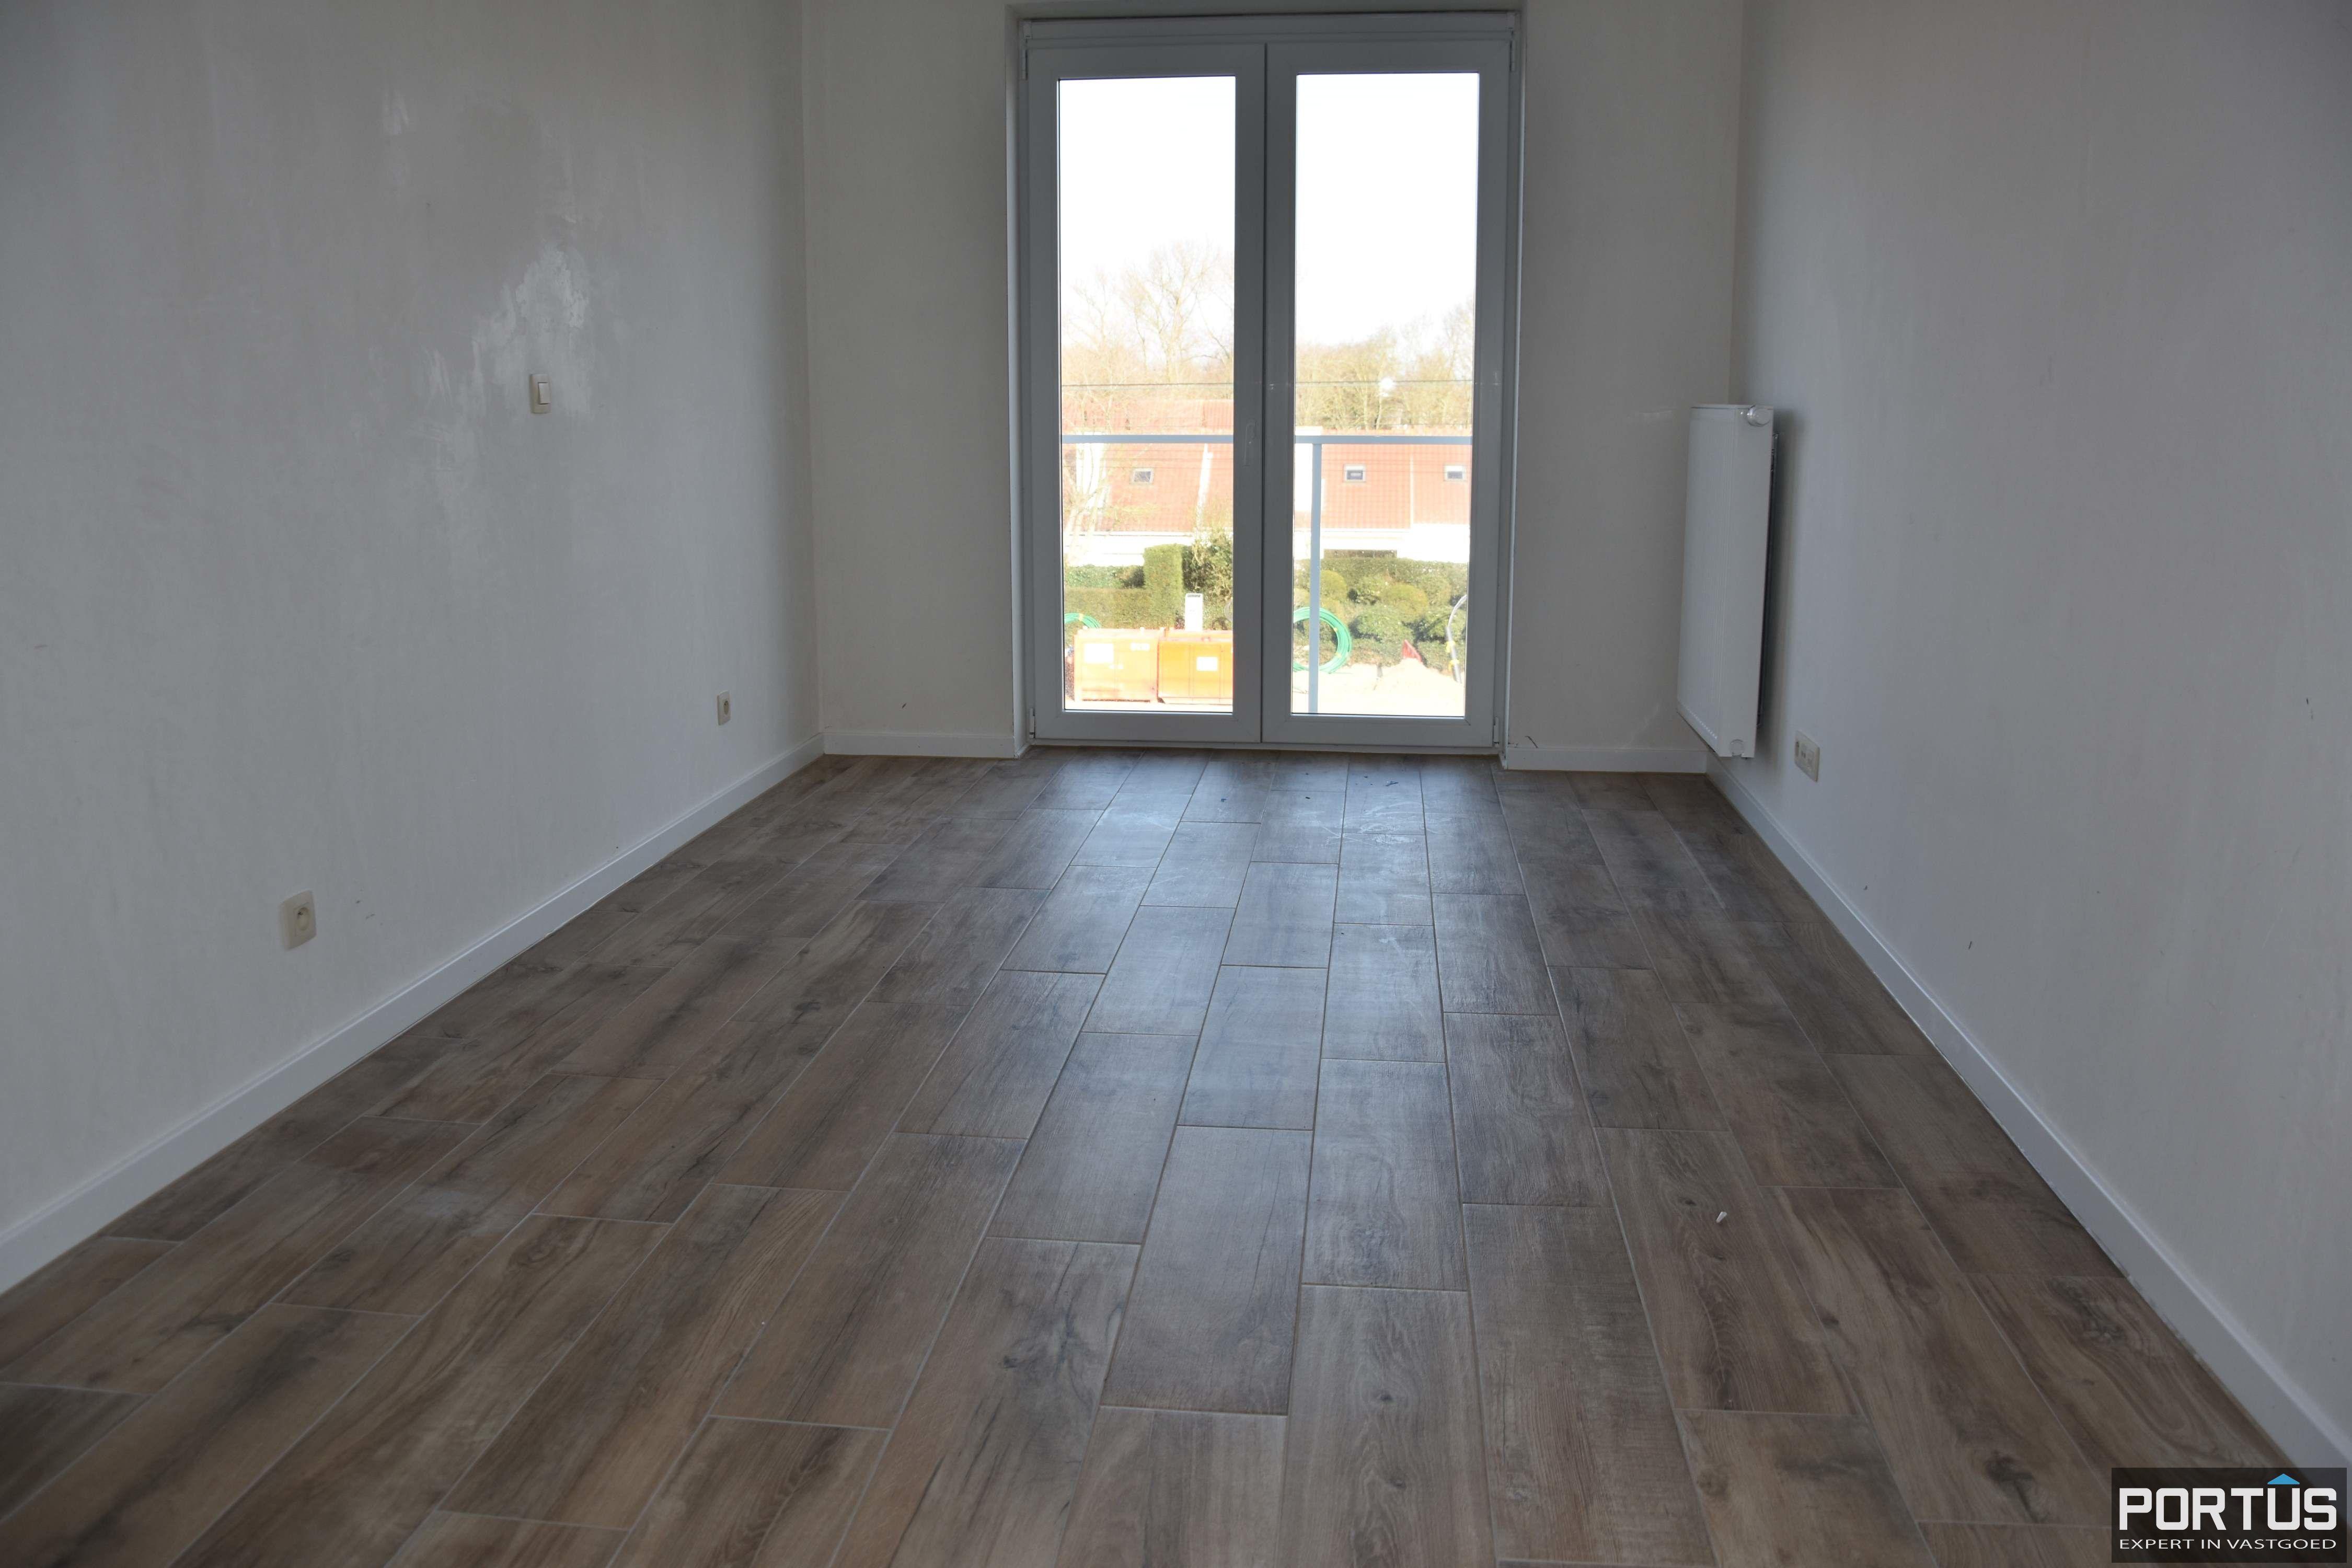 Appartement te koop met 3 slaapkamers, 2 badkamers en groot terras  - 9326